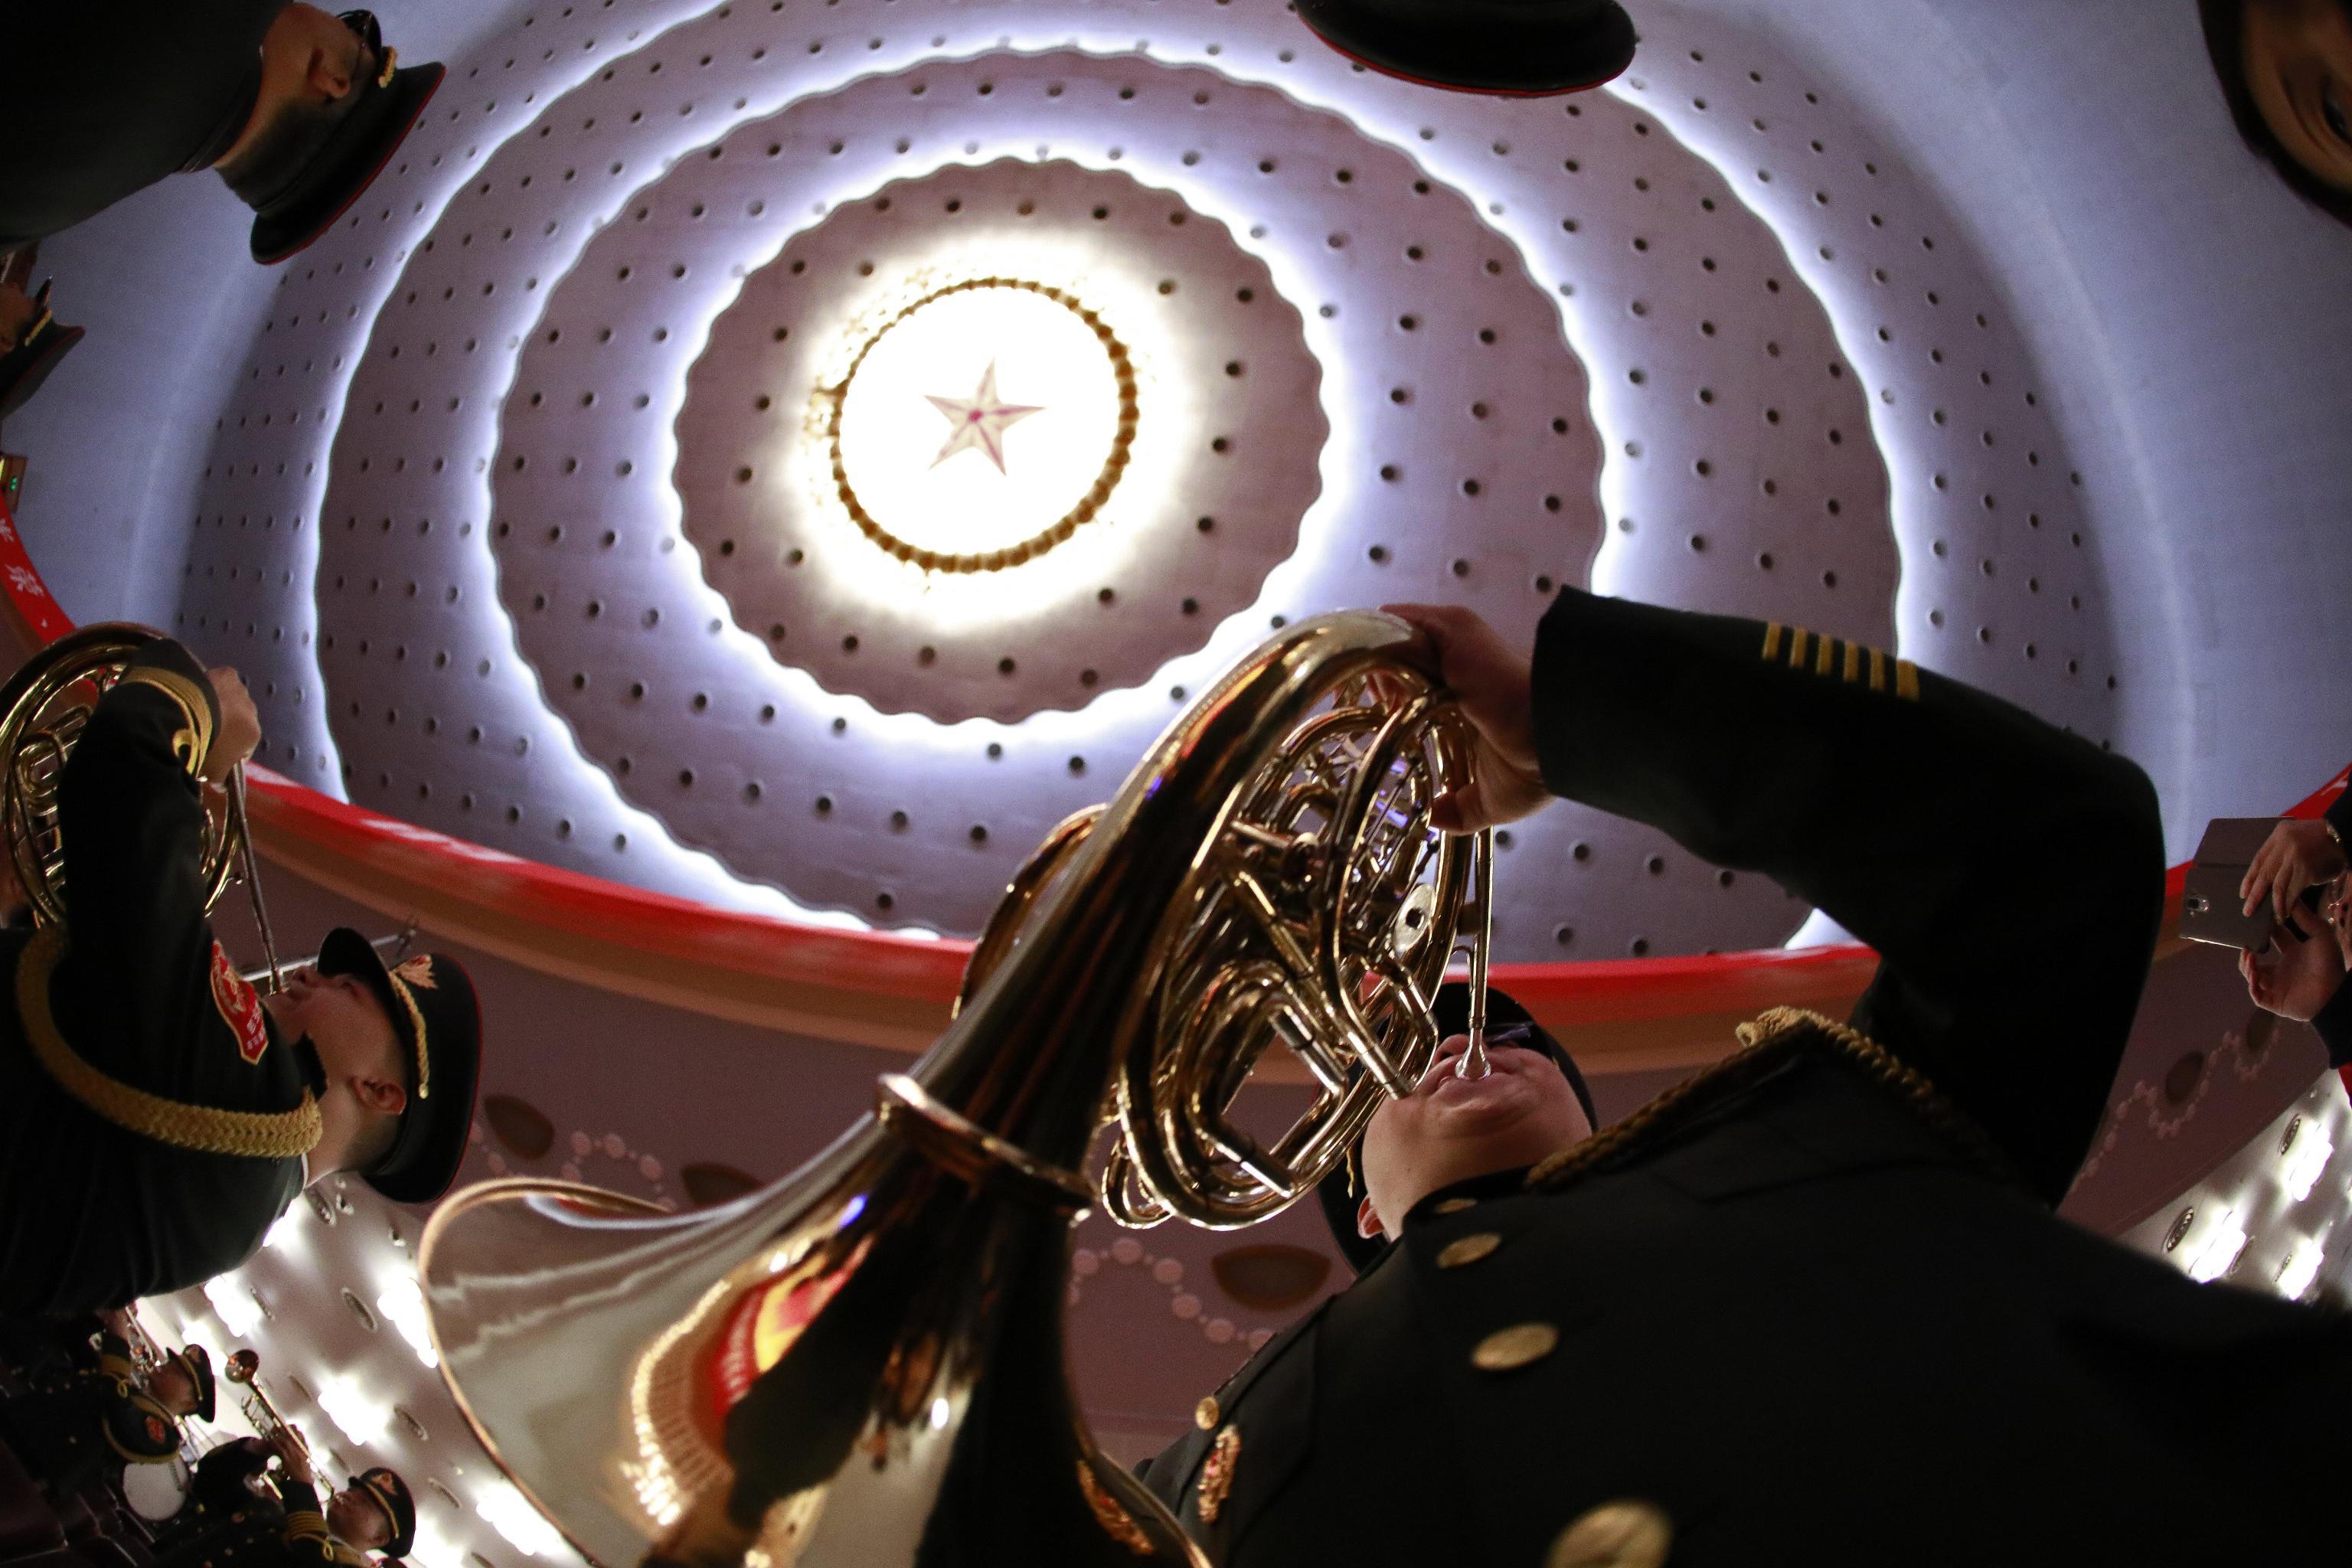 I componenti della banda militare provano prima dell'inizio della cerimonia di apertura, sul soffitto domina la stella rossa comunista